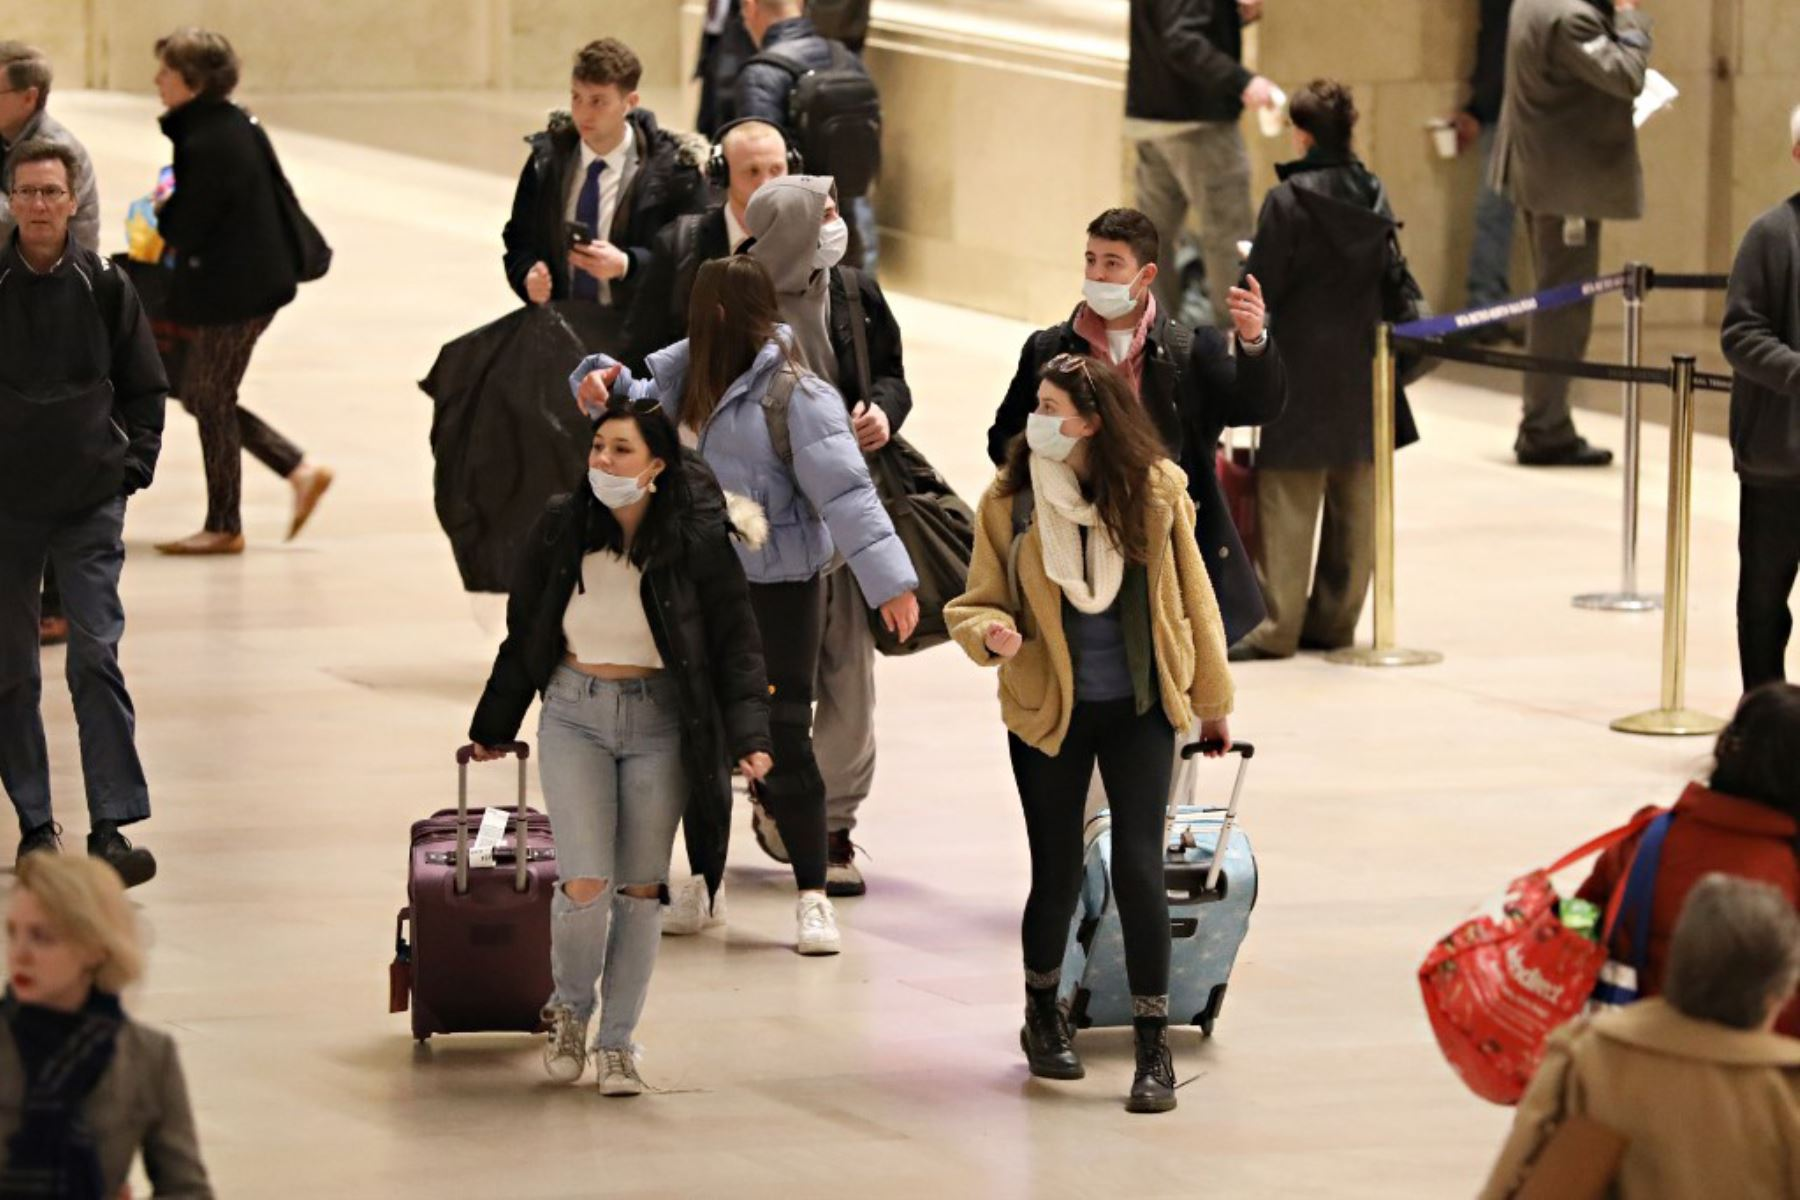 Viajeros usan máscaras en la ciudad de Nueva York. A medida que el coronavirus (COVID-19) continúa propagándose en los Estados Unidos. Foto: AFP